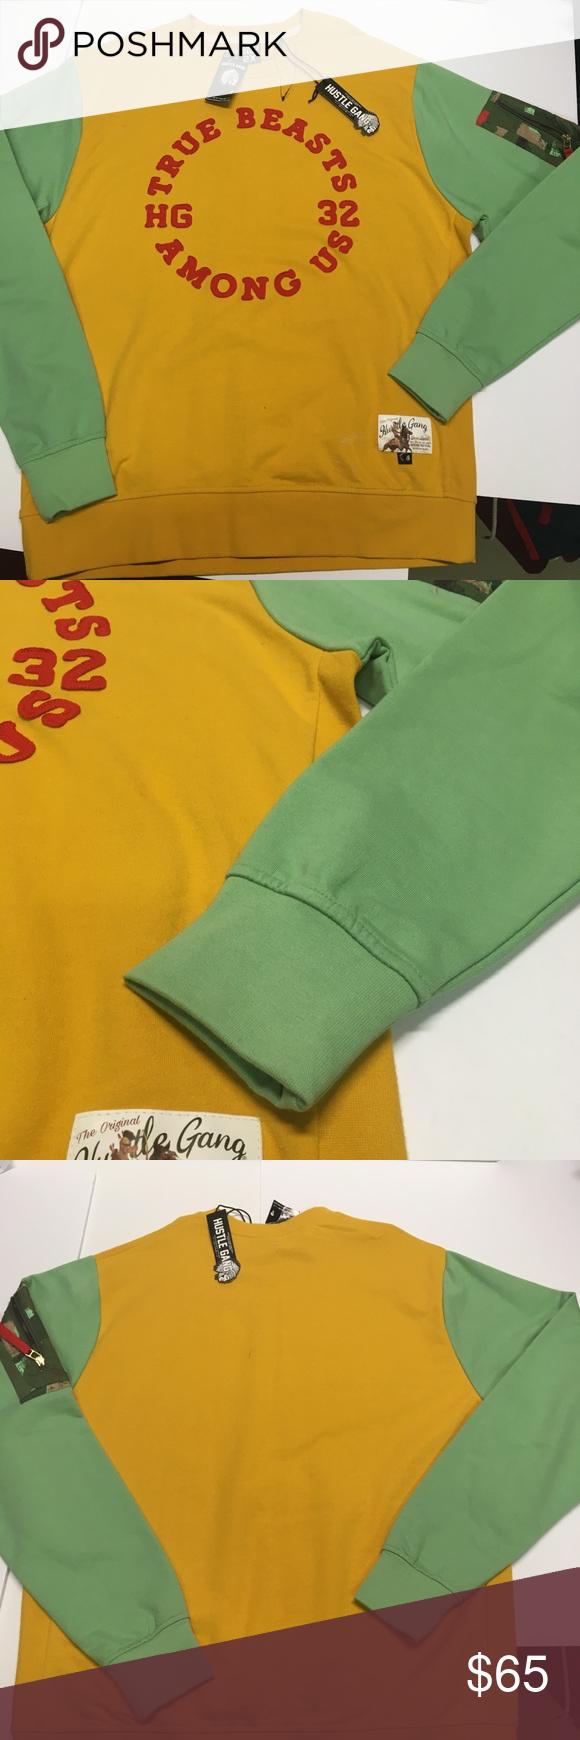 Hustle Gang True Beaat Crewneck Sweatshirt Sweatshirts Crew Neck Sweatshirt Clothes Design [ 1740 x 580 Pixel ]